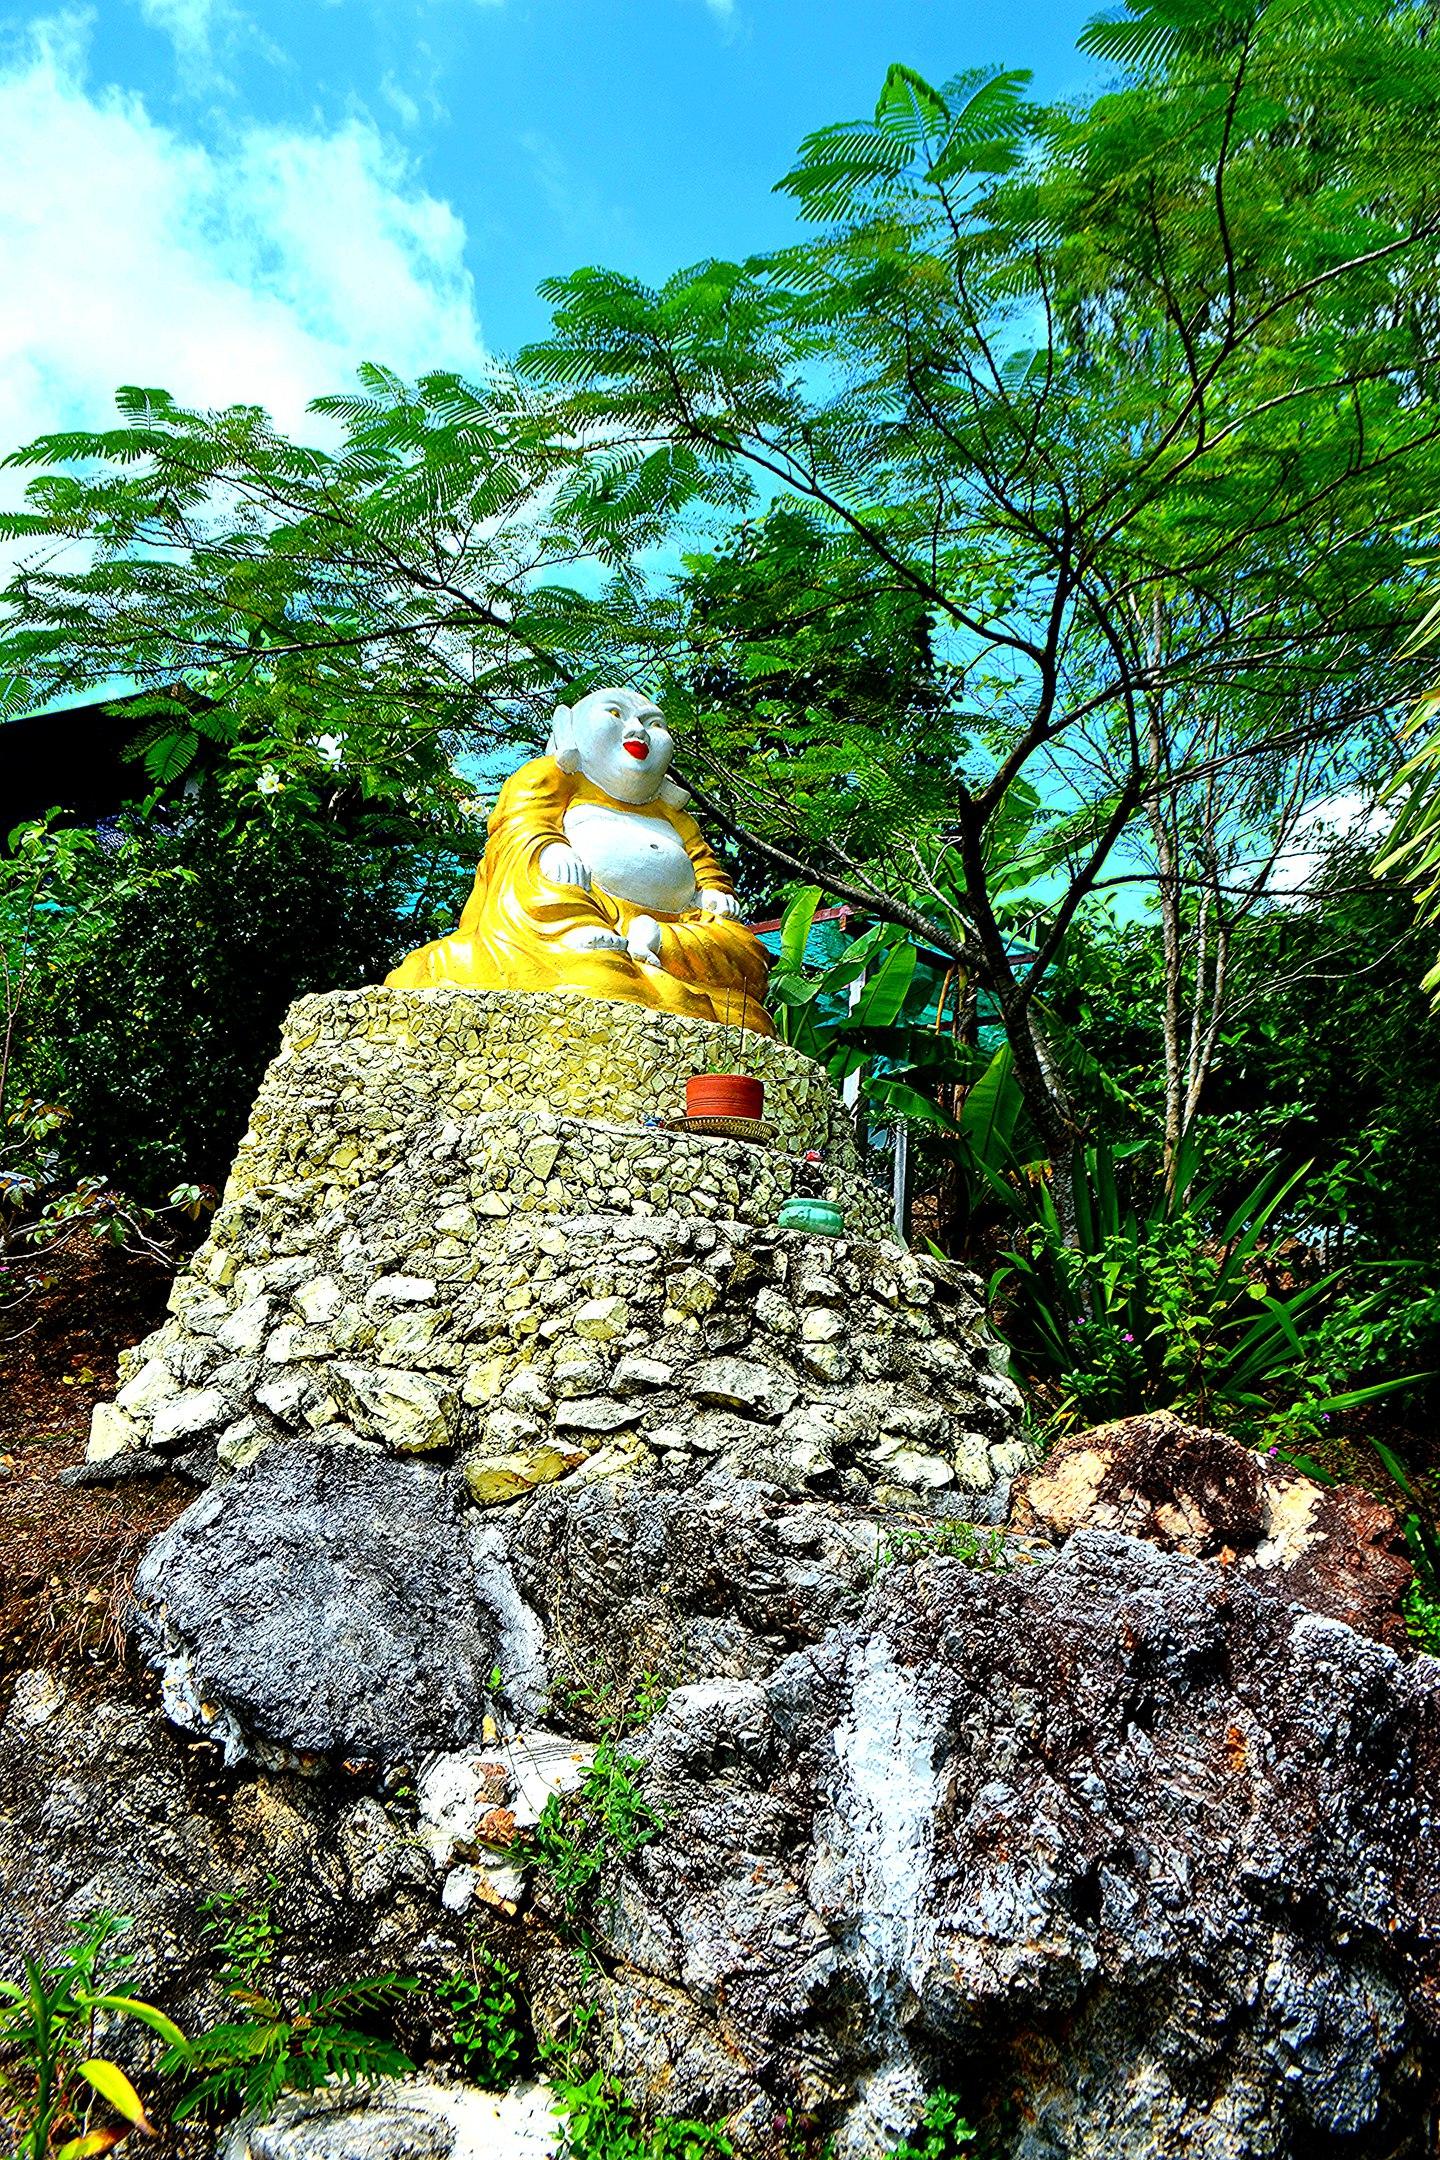 Елена Руденко (Валтея). Таиланд. Буддийский храм в горах. YO-RFeeEn0w